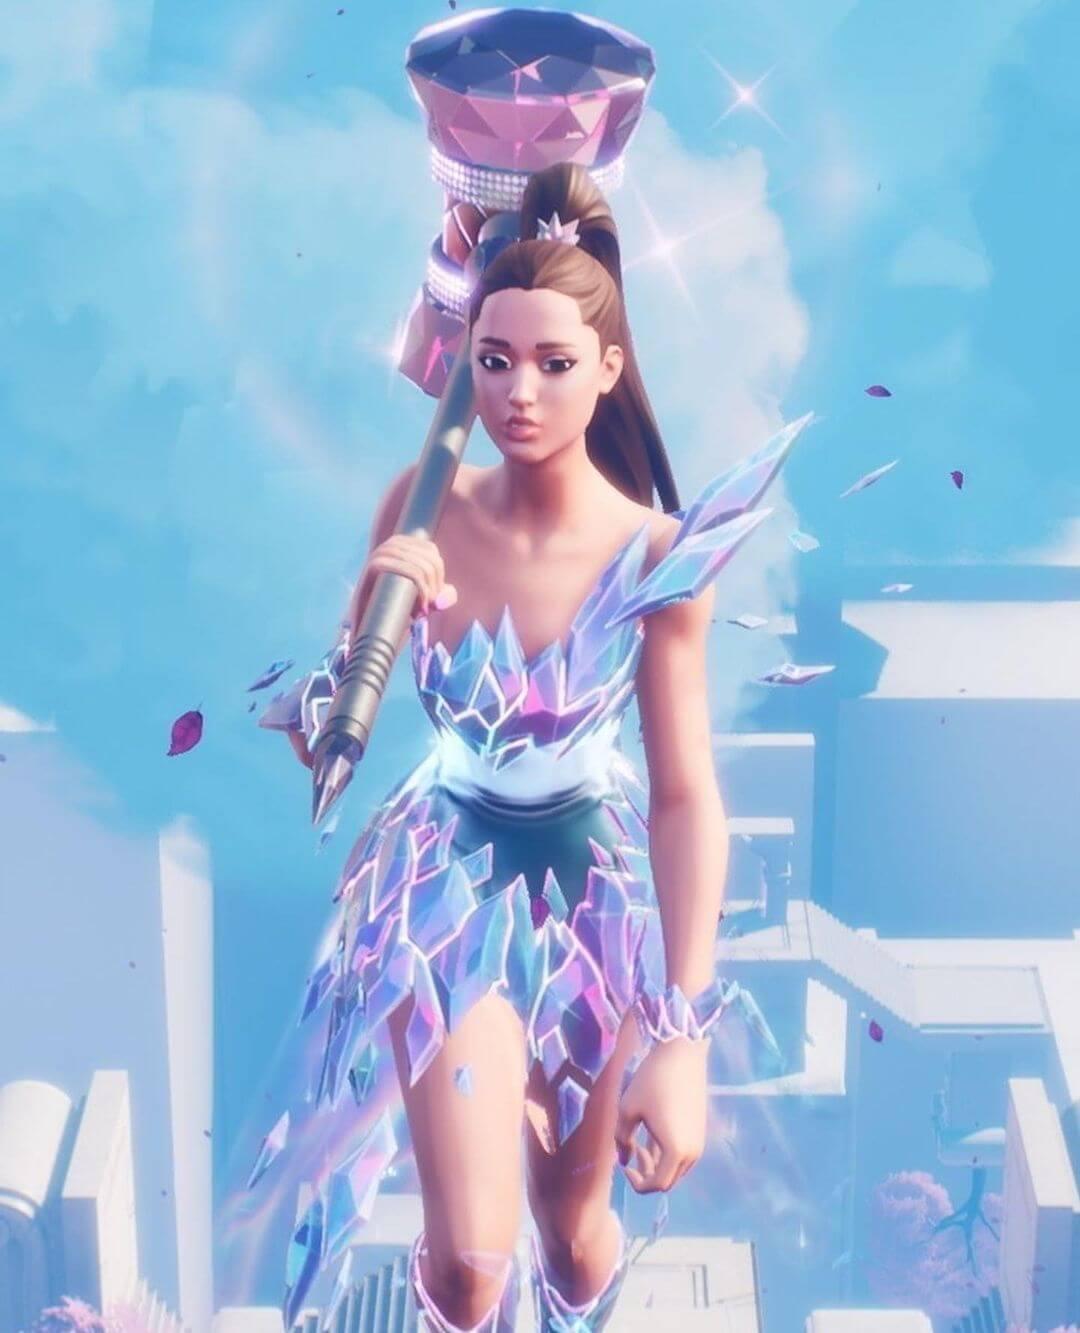 7 lanzamientos recientes que debes escuchar: Ariana Grande + Gianluca + Sea Power y más